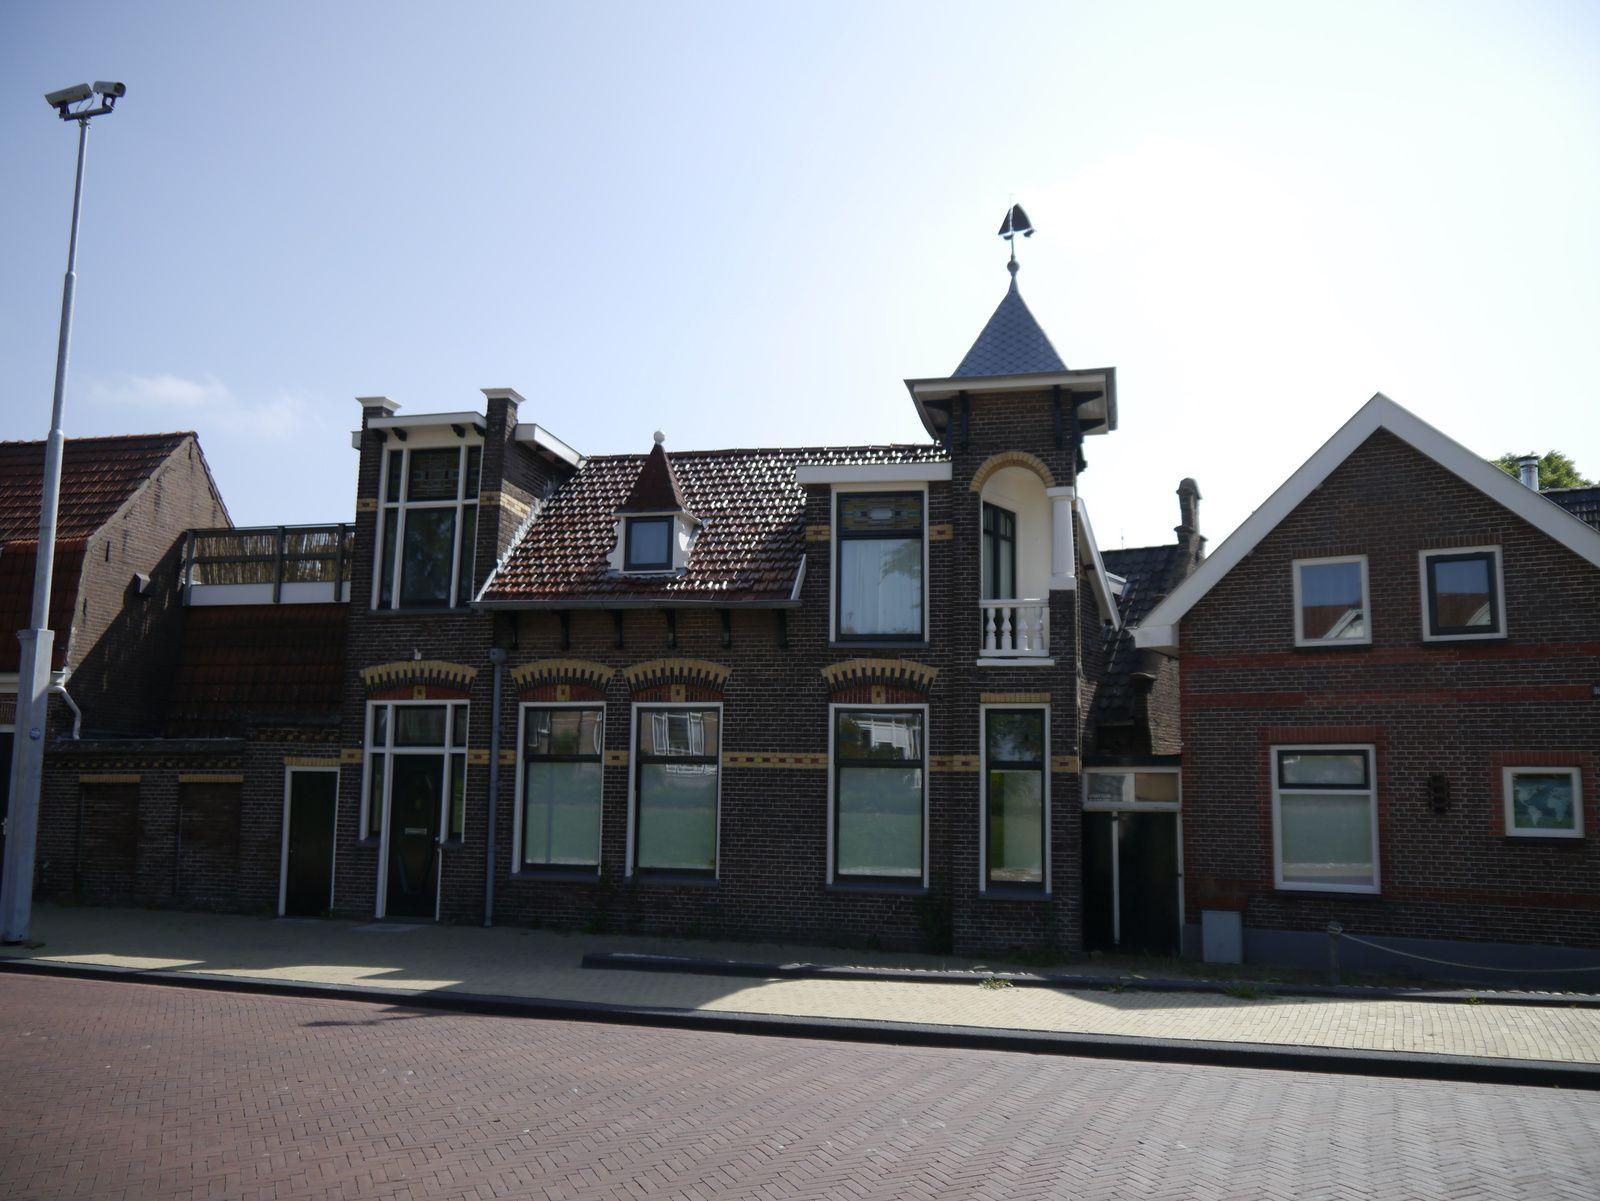 [tourisme] Découvrir Leeuwarden et sourire